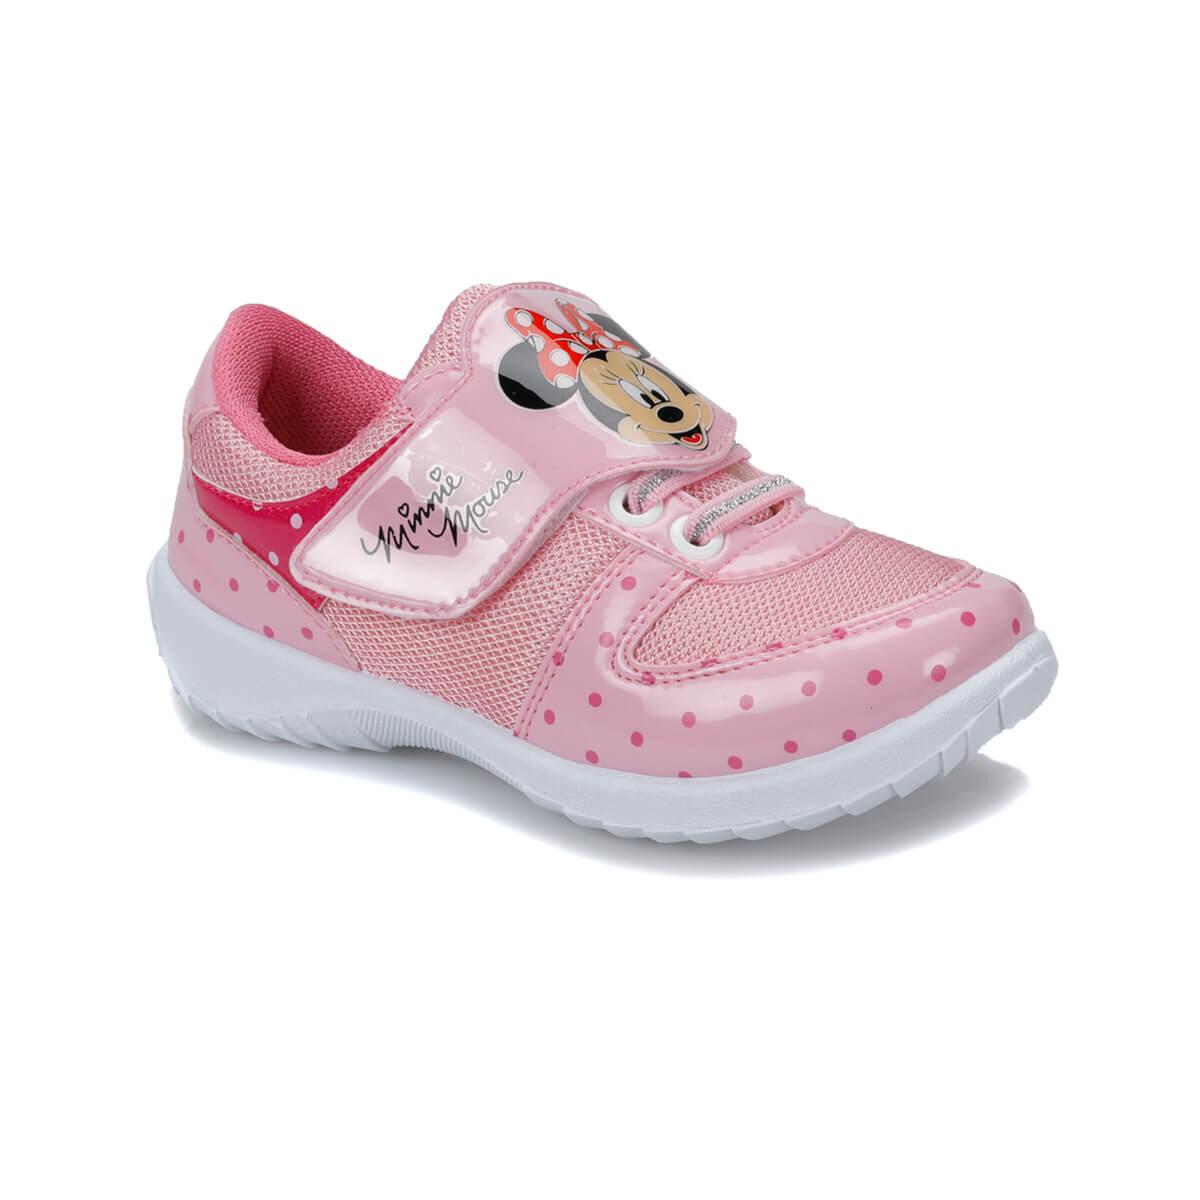 PEMBE Kız Çocuk Ayakkabı 91.BAMI-1.B